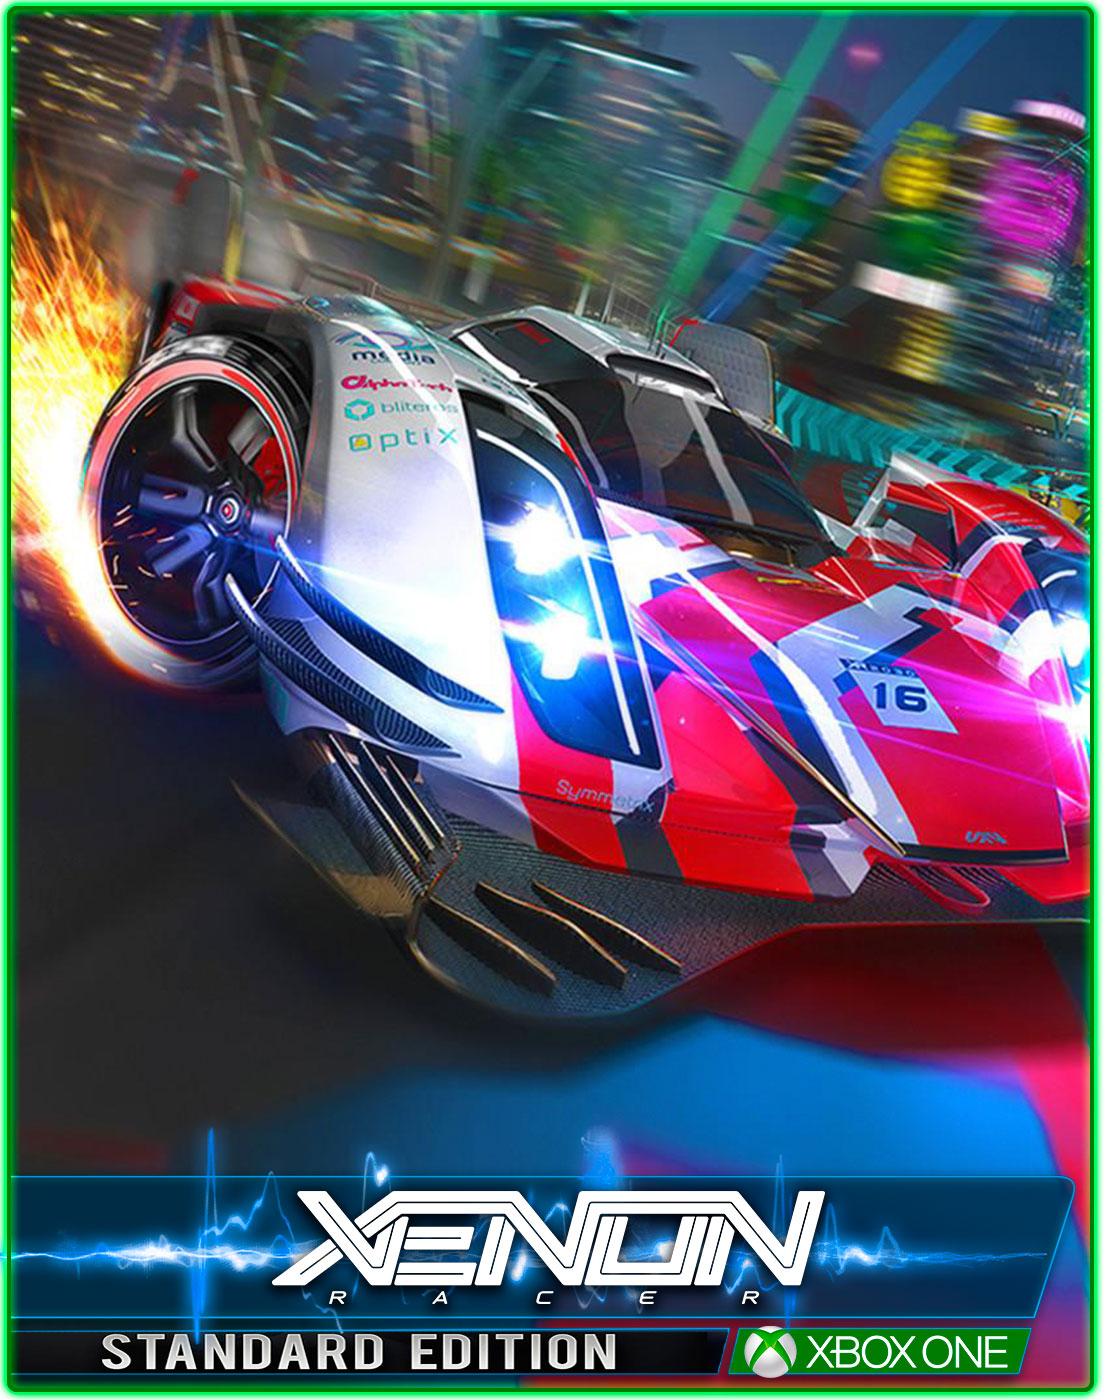 Xenon Racer(XBOX ONE) 2019